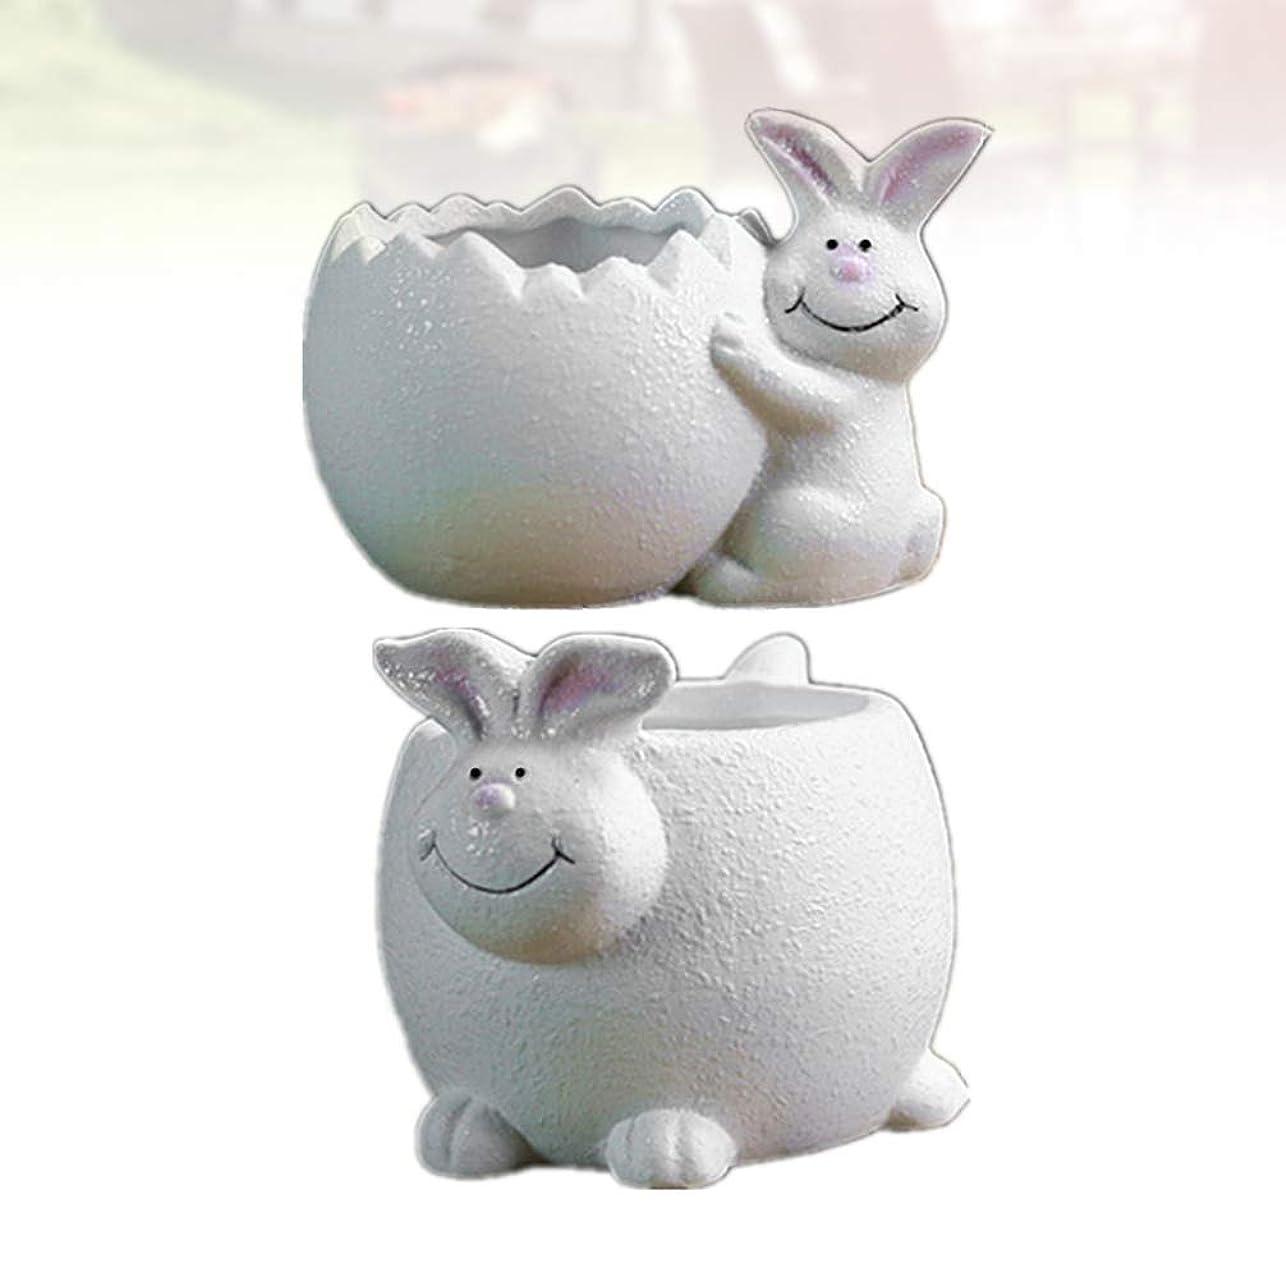 わがまま慣性パパledmomo 多肉植物鉢 2点セット 鉢 白 うさぎ かわいい ミニ 陶器 植木鉢 花鉢 造花鉢 盆栽鉢 スタイルランダム